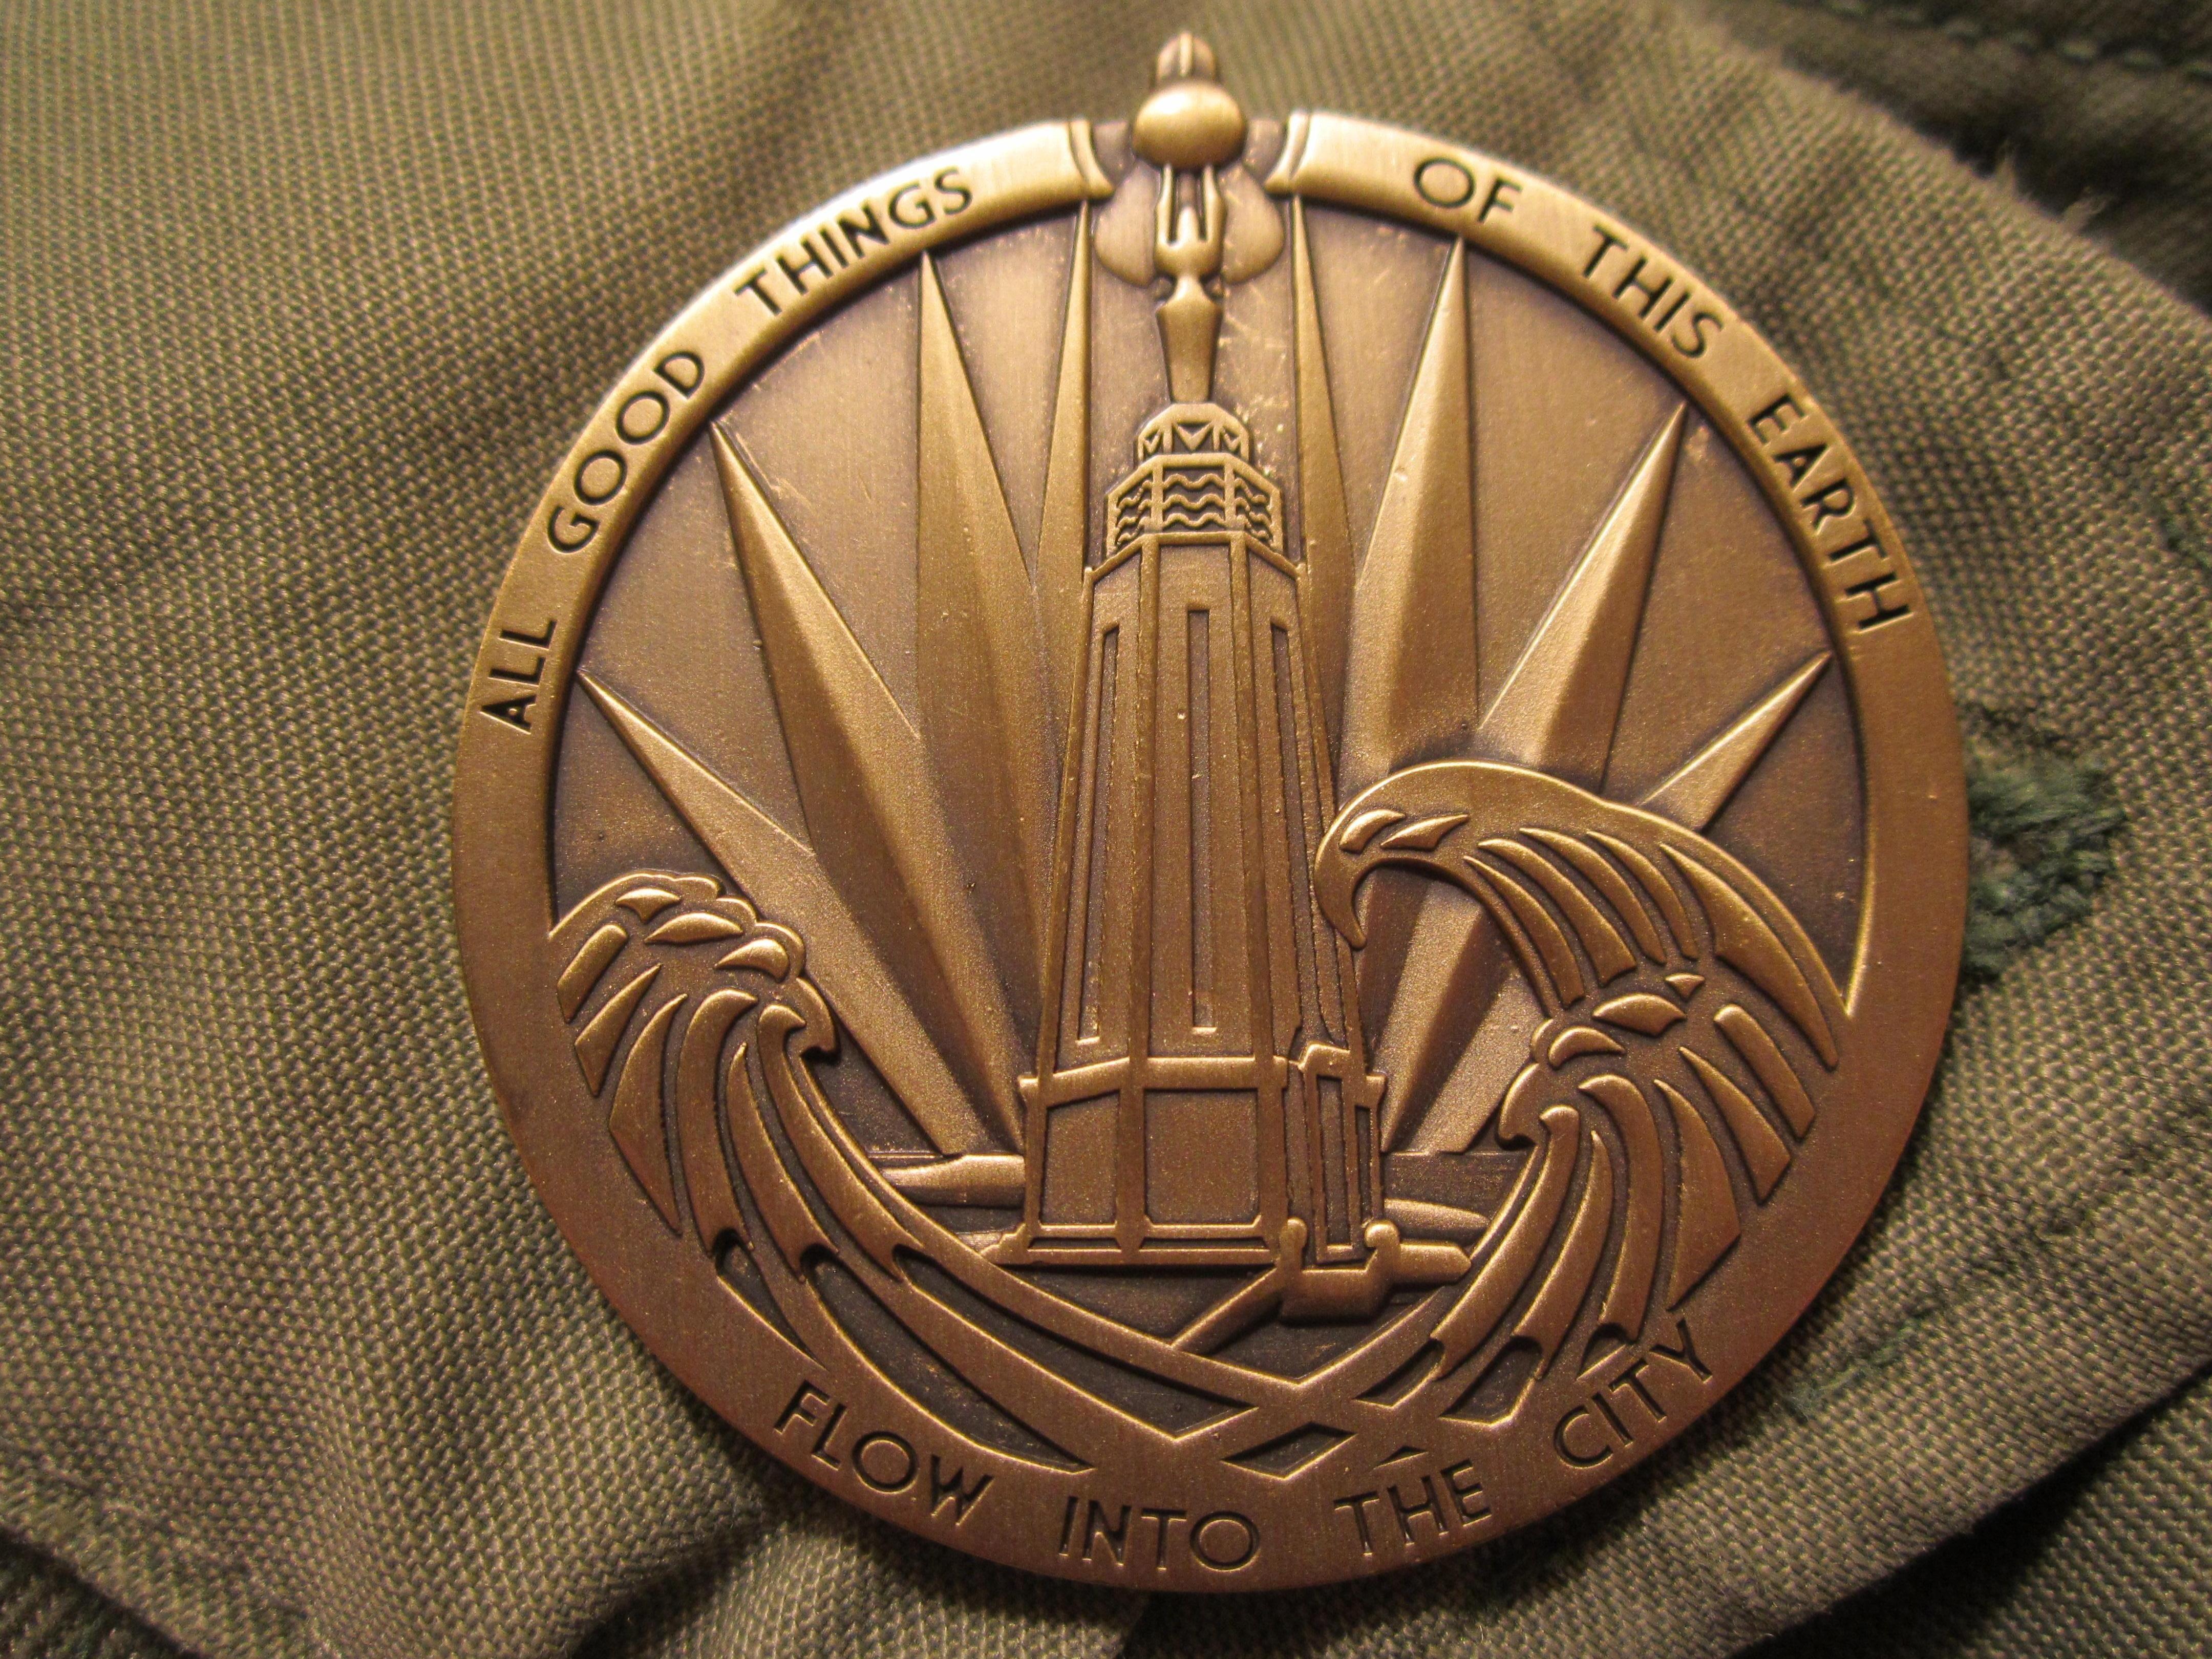 #Bioshock Coin via Reddit user vojelly